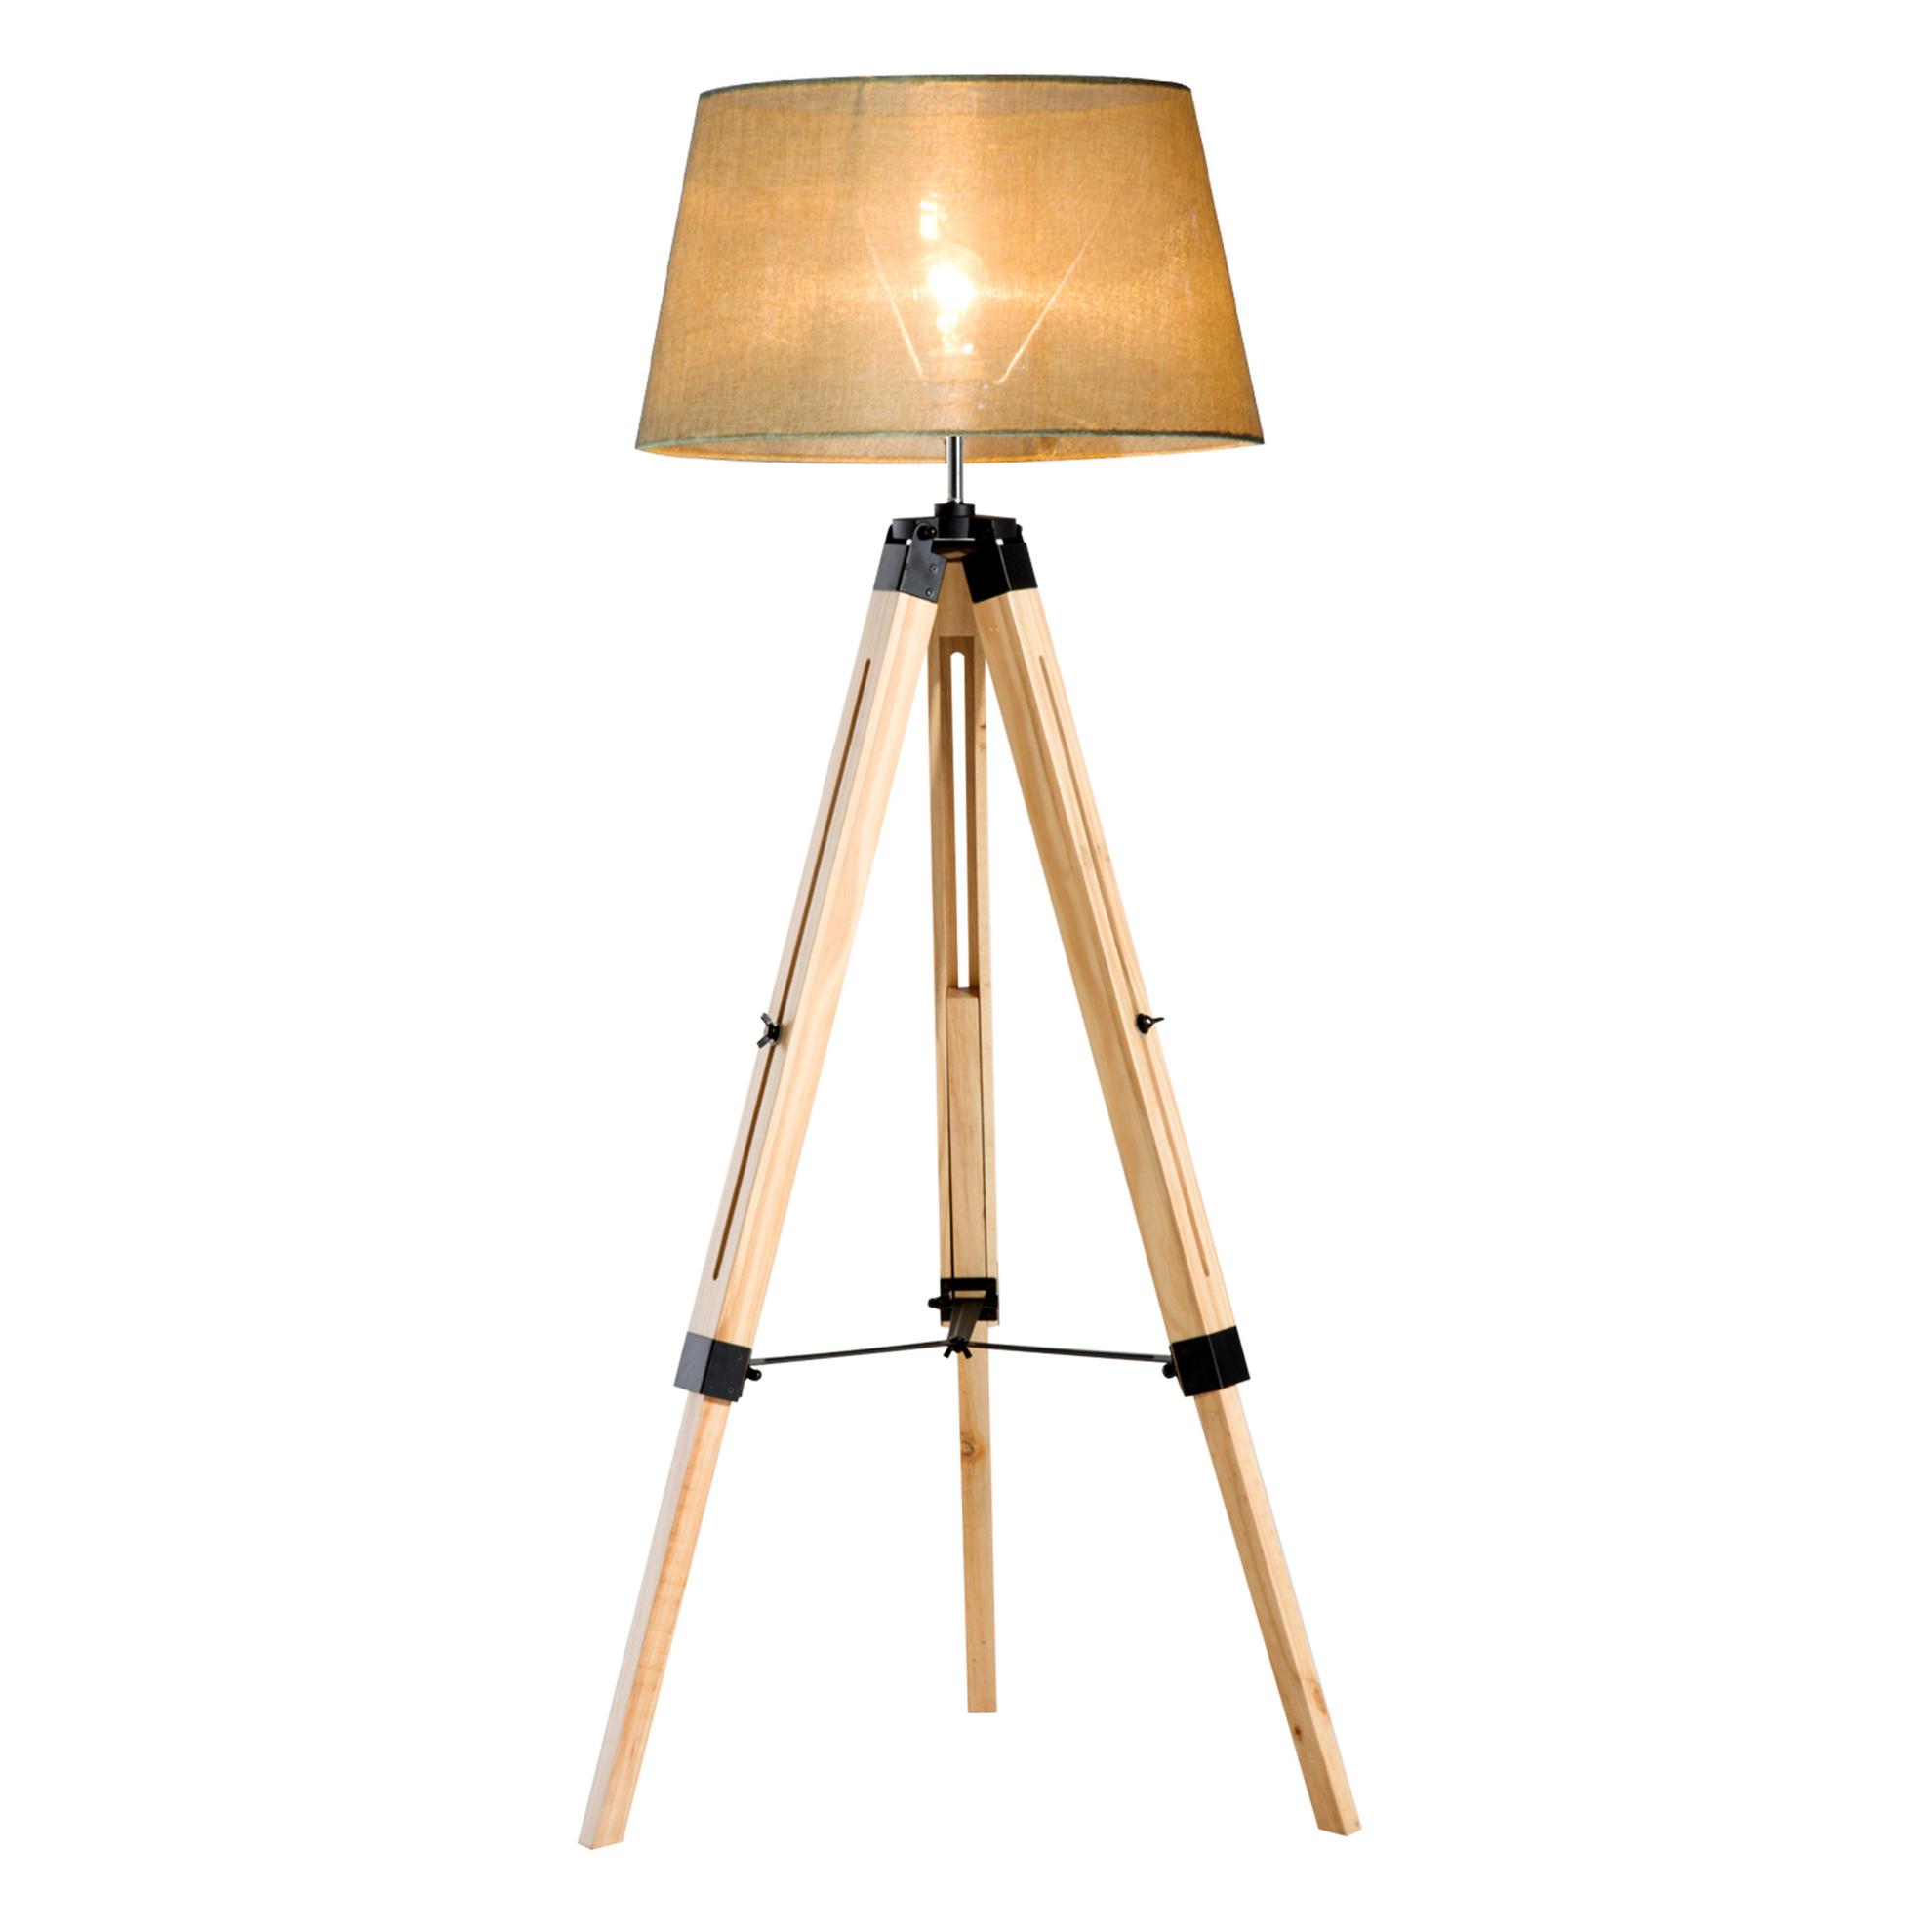 Stehlampe Hohenverstellbar Farbe Natur Beige Weltbild De